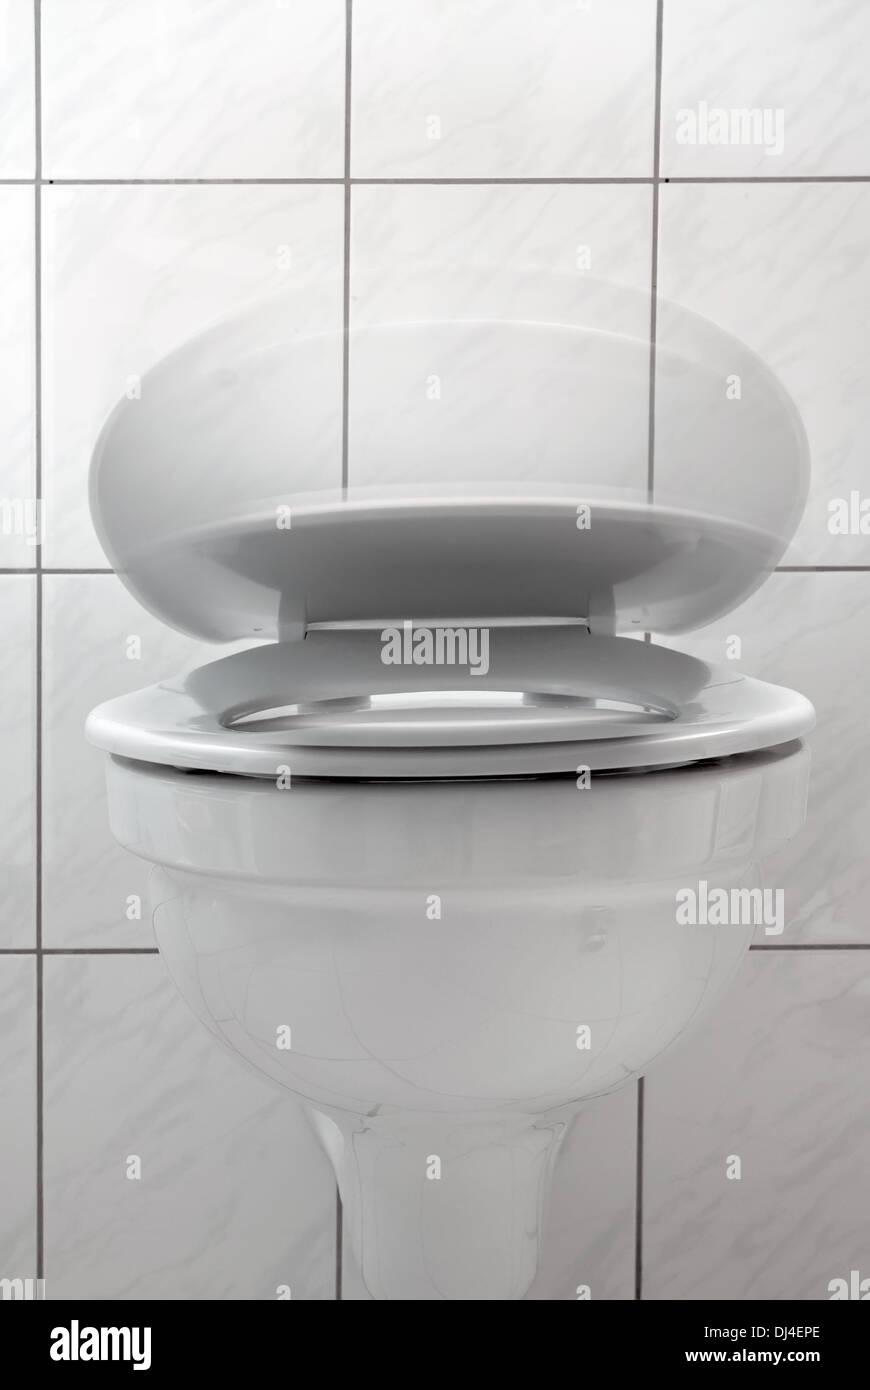 Toilet Lid Stock Photo